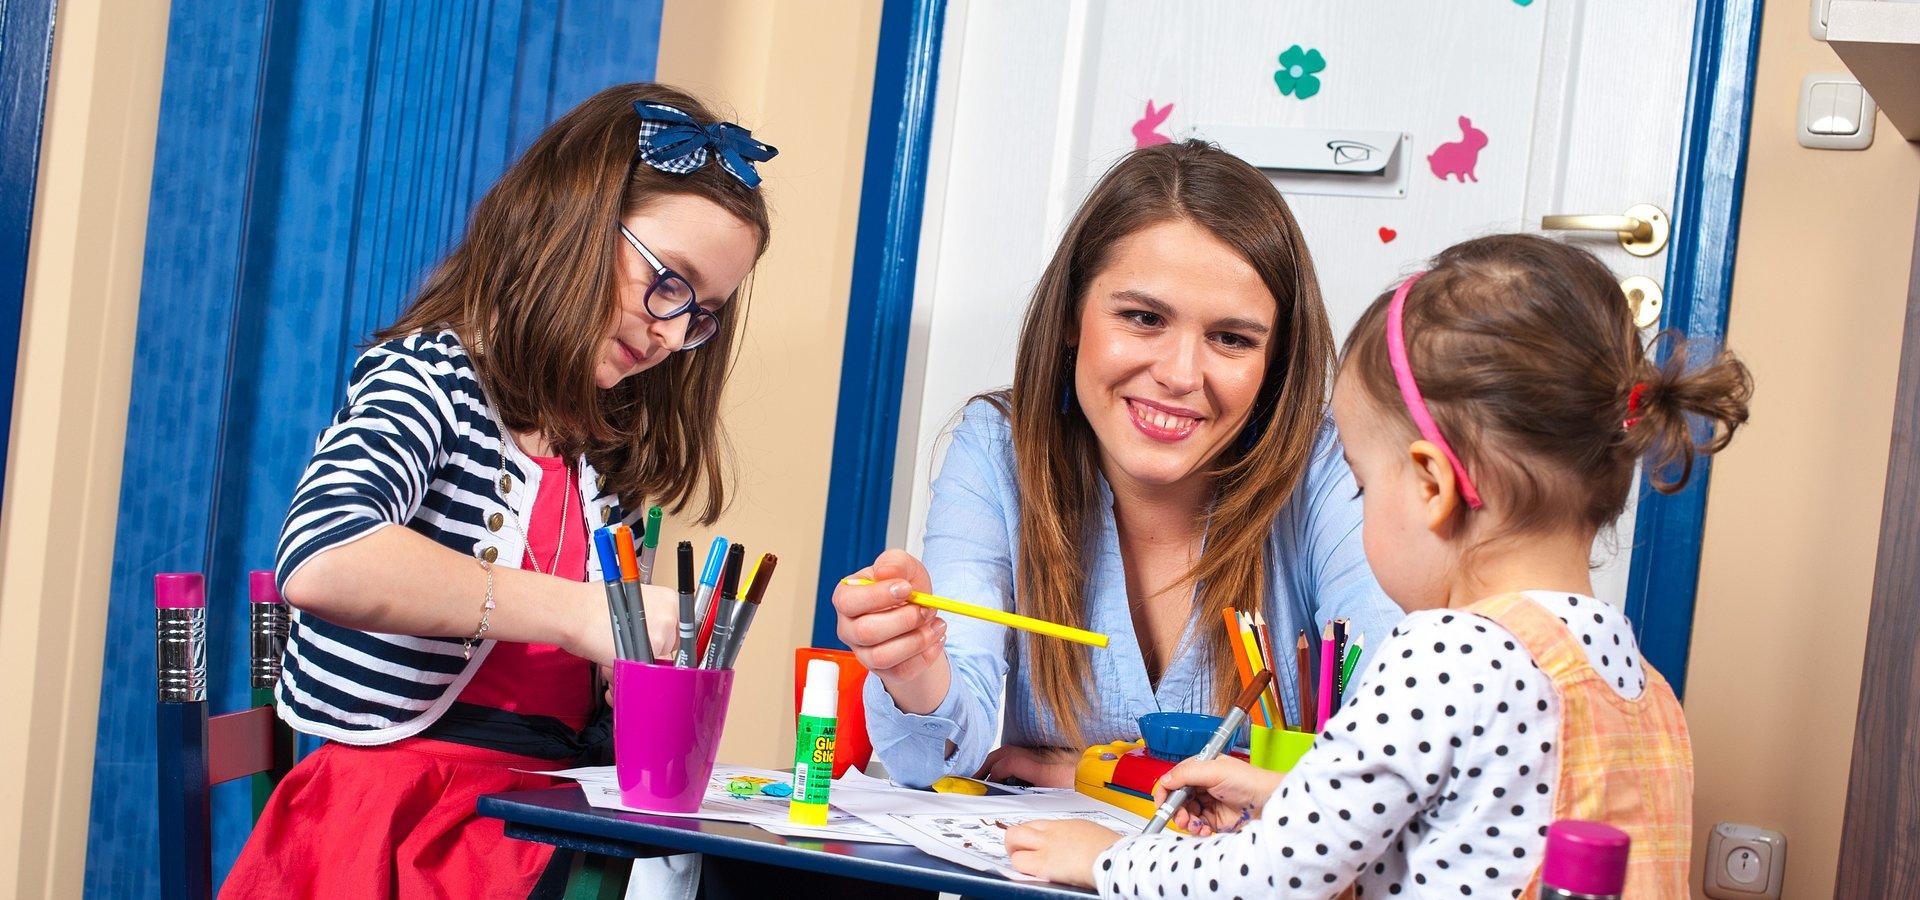 Ekspert WSB: Jak ułatwić dziecku ze spektrum autyzmu powrót do szkoły?